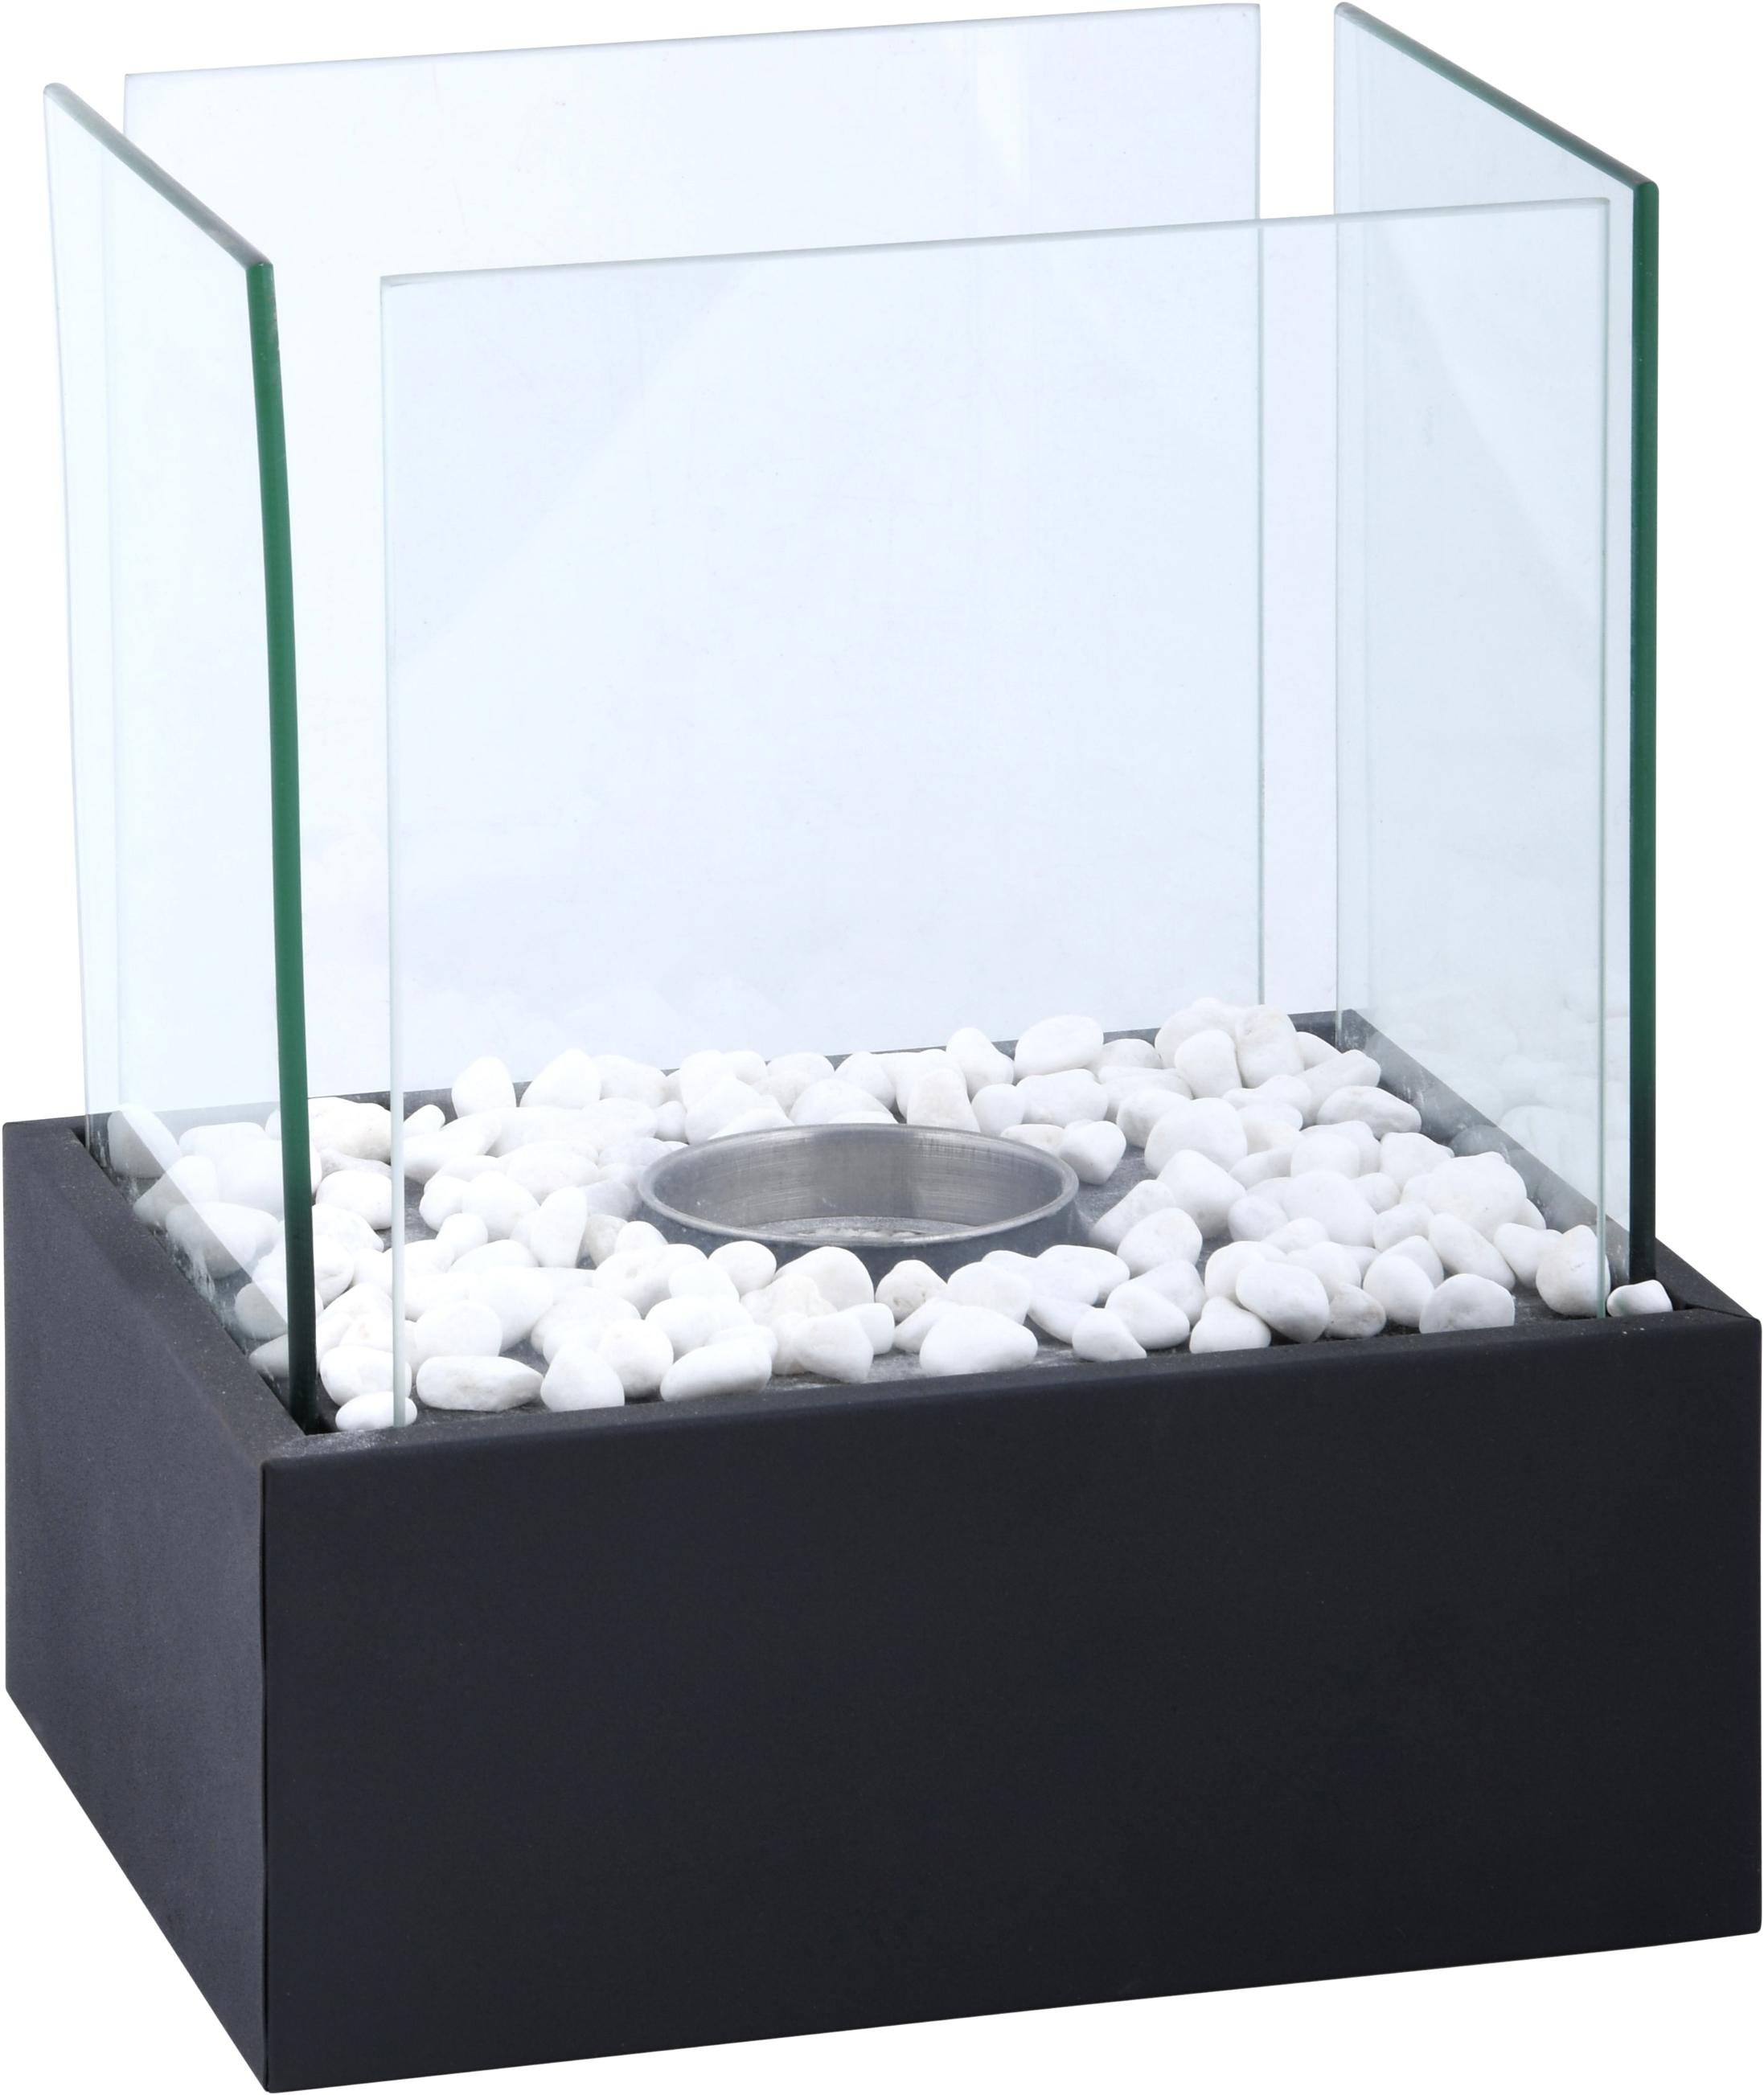 Quemador de bioetanol Damin, Negro, transparente, An 25 x Al 28 cm